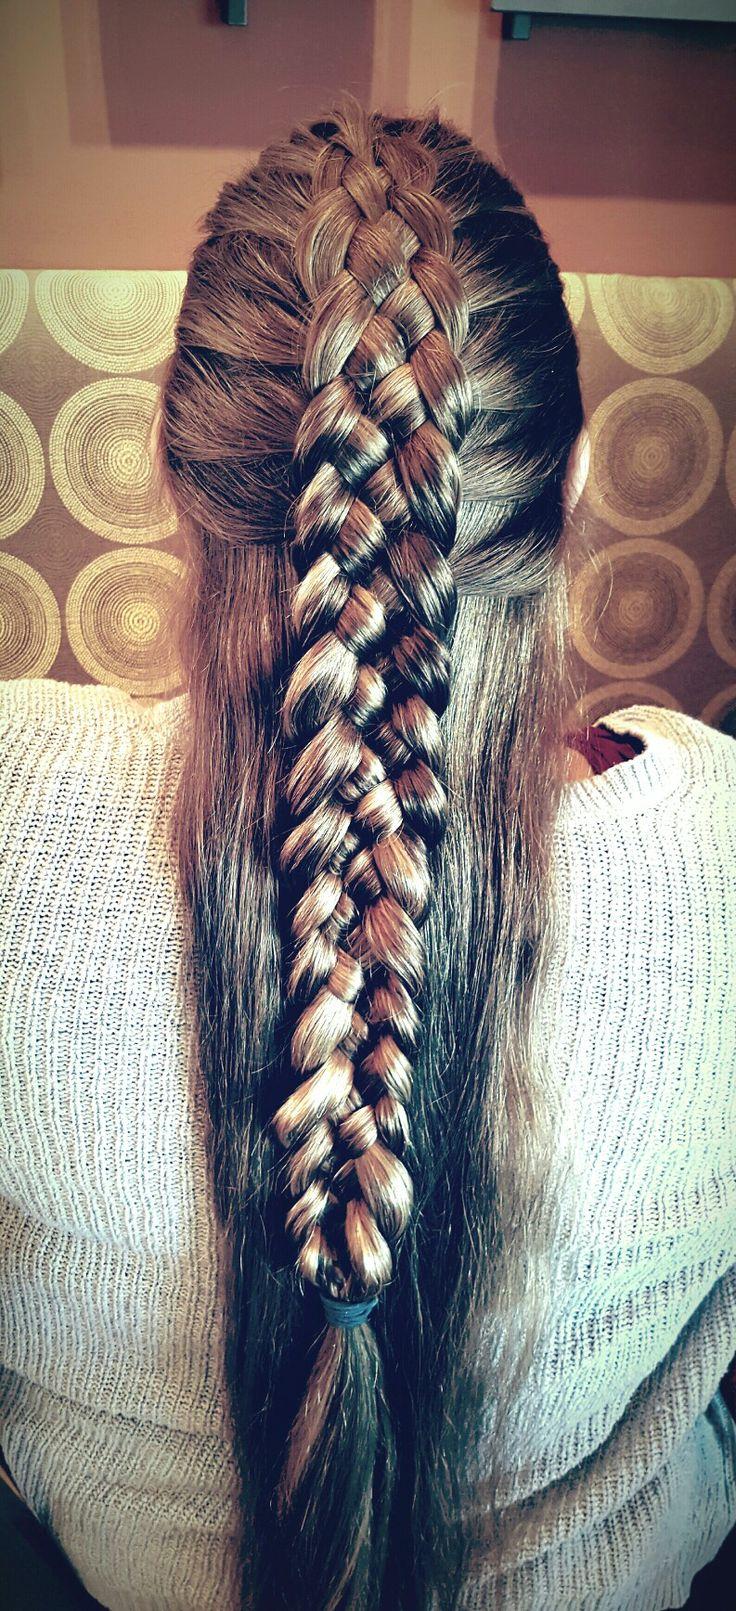 5 strand braid by Mandy Diedrich @FantasyBraidingandHairstyles